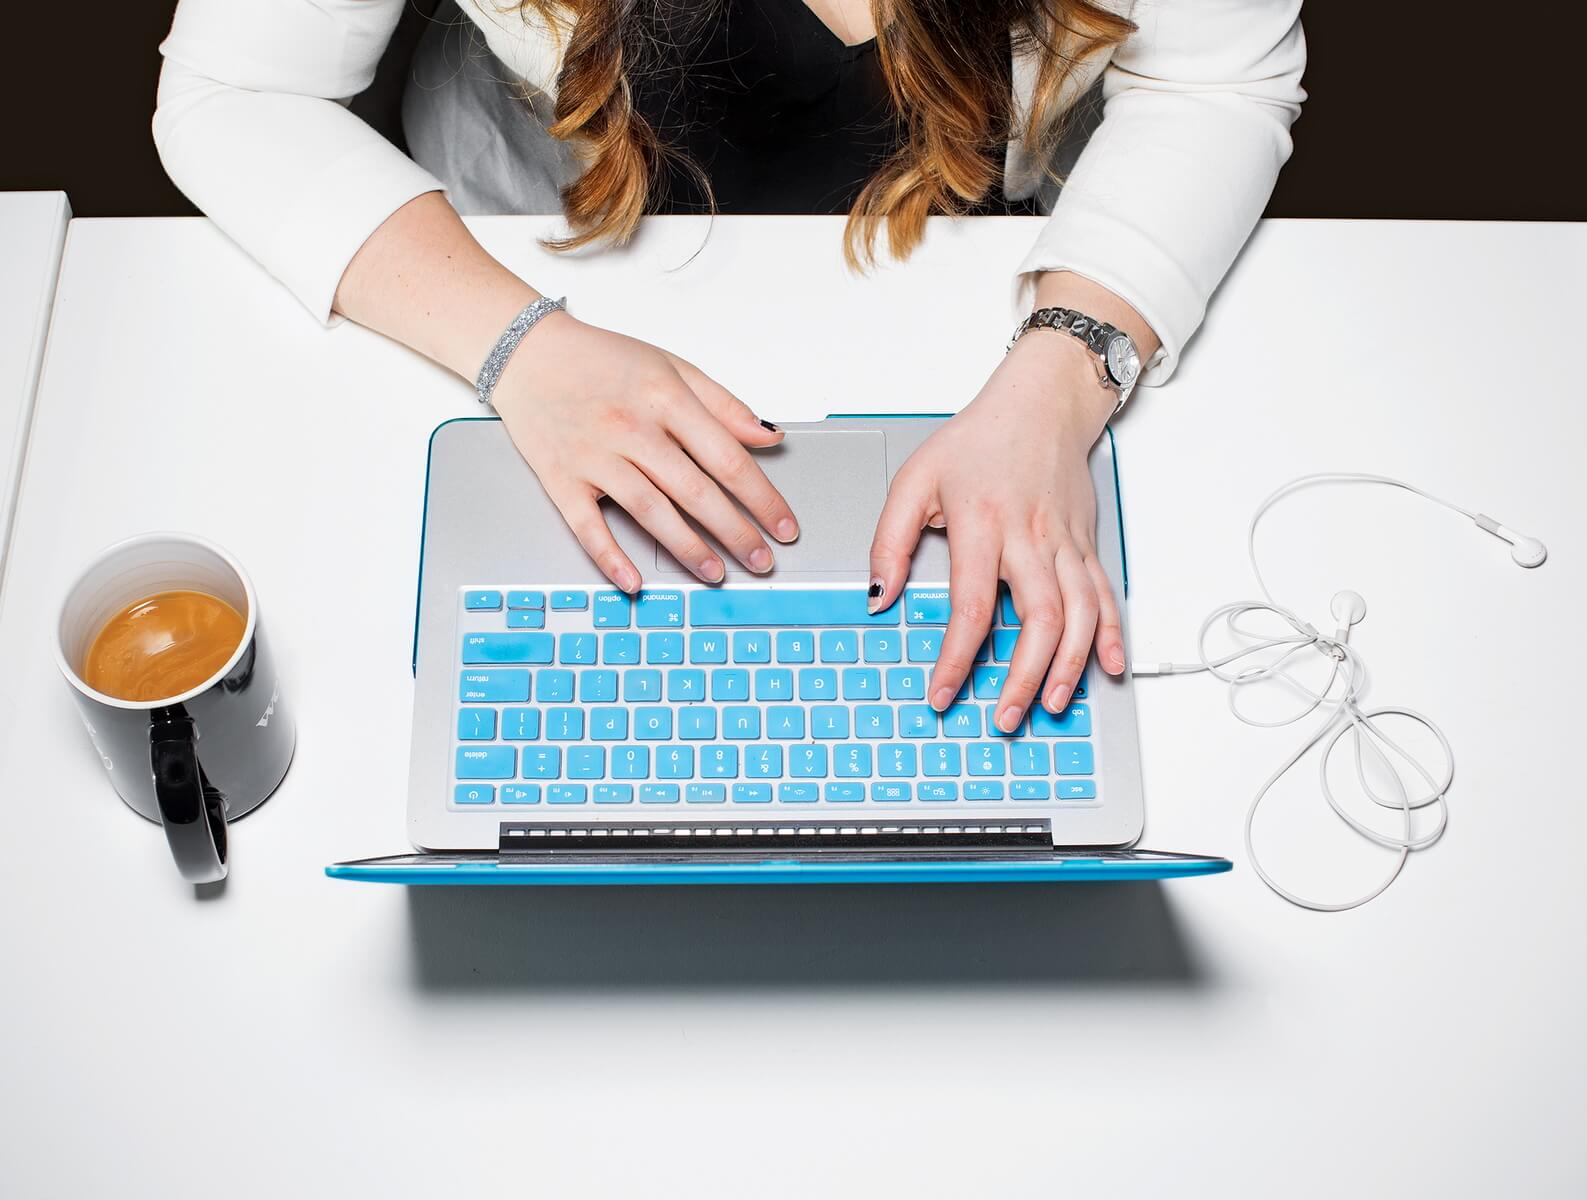 تأثيرات التكنولوجيا على النساء